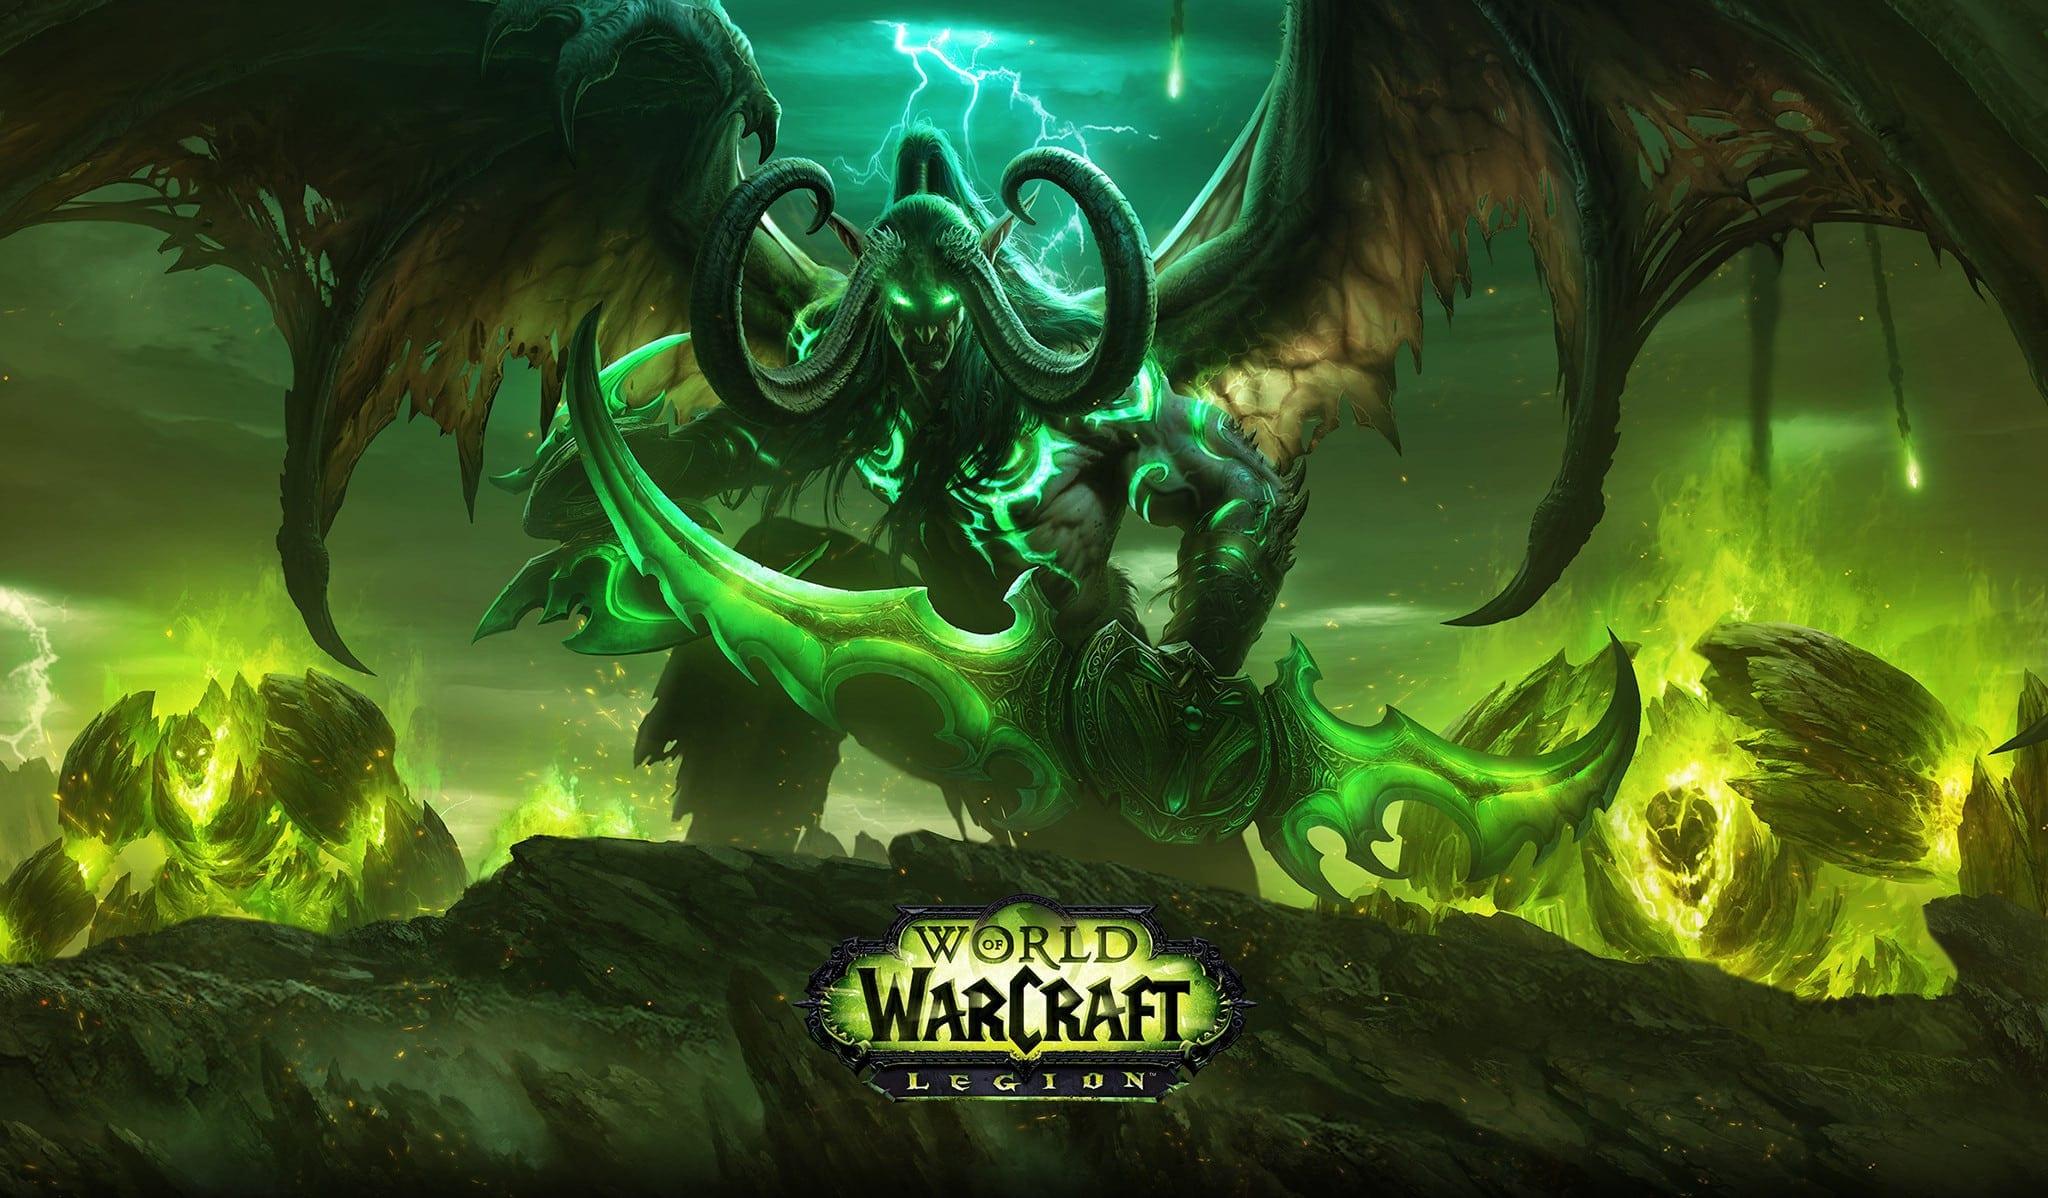 World of Warcraft: La pre-patch di Legion in arrivo il 19 Luglio